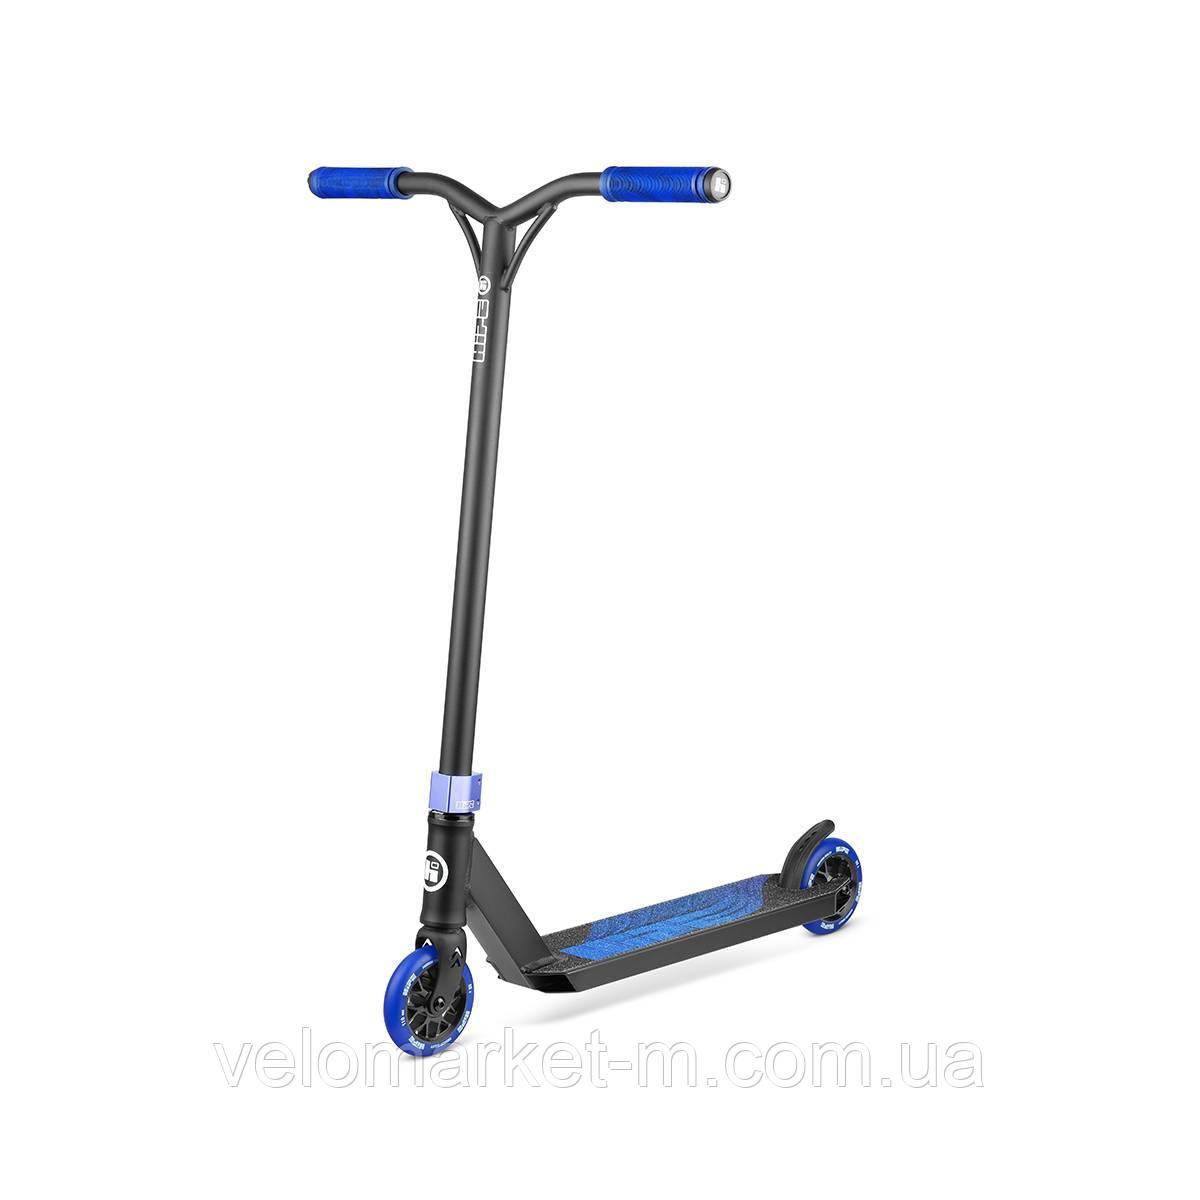 Самокат трюковый Hipe H3 Black/Blue